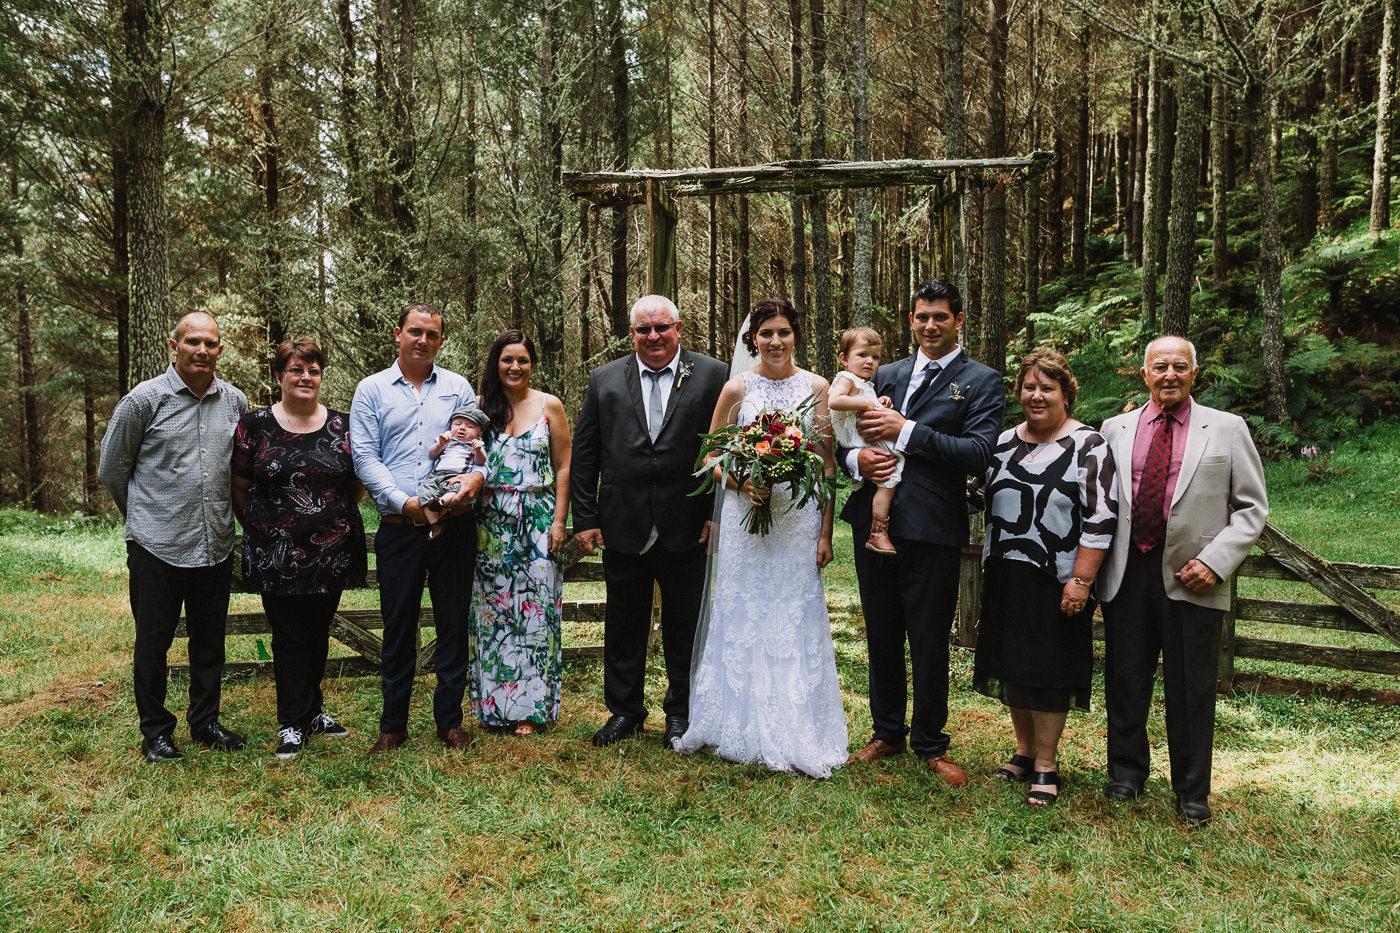 nz_wedding_photographer_gisborne-1155.jpg